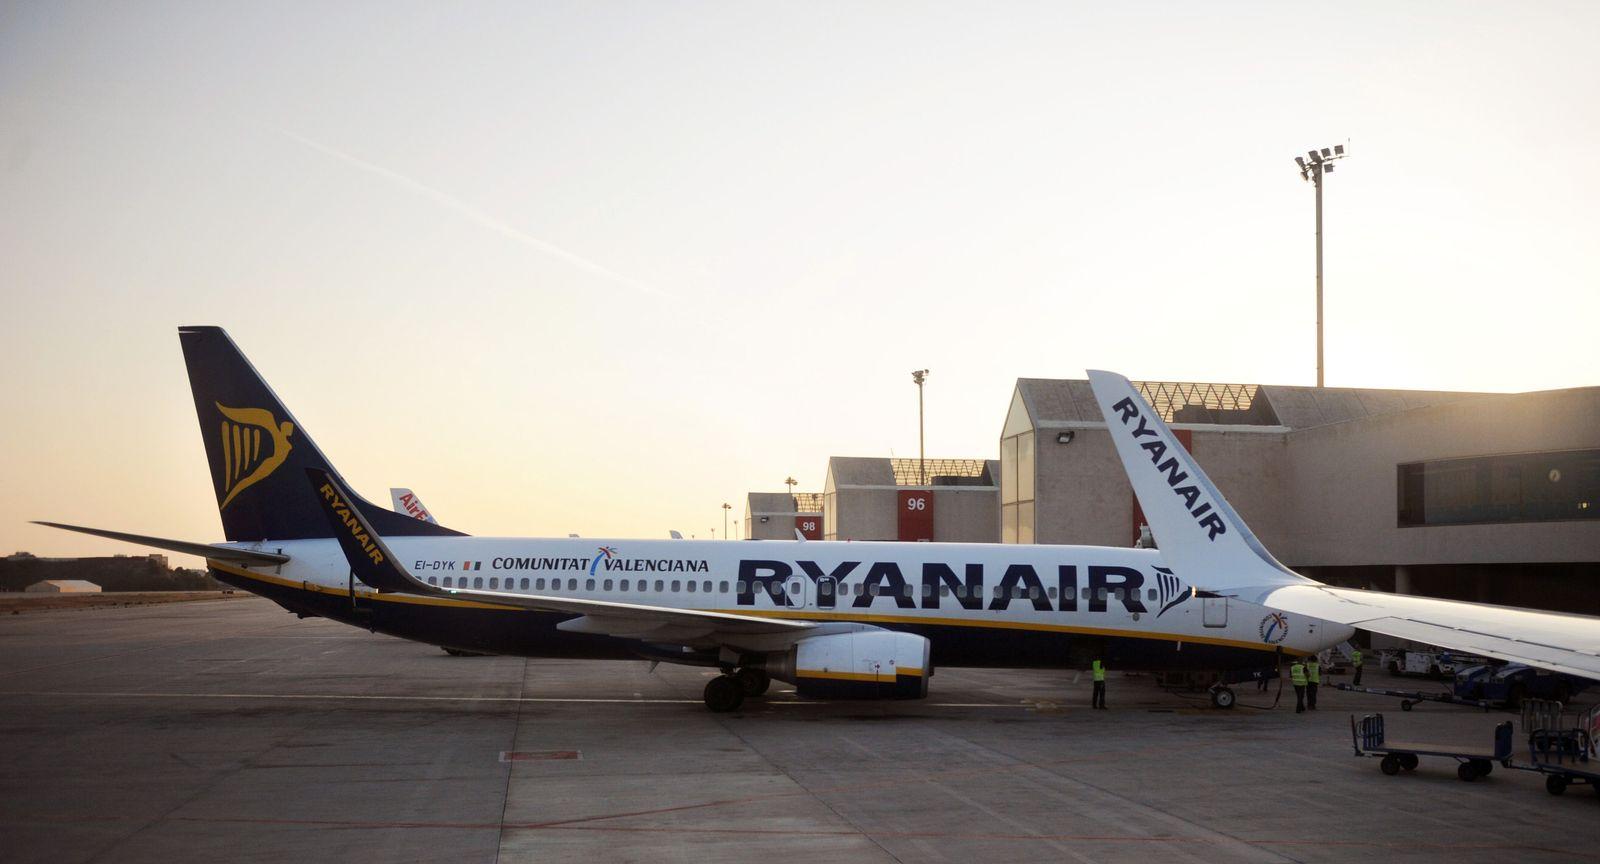 Ryanair sieht trotz Zwischenfällen keine Probleme